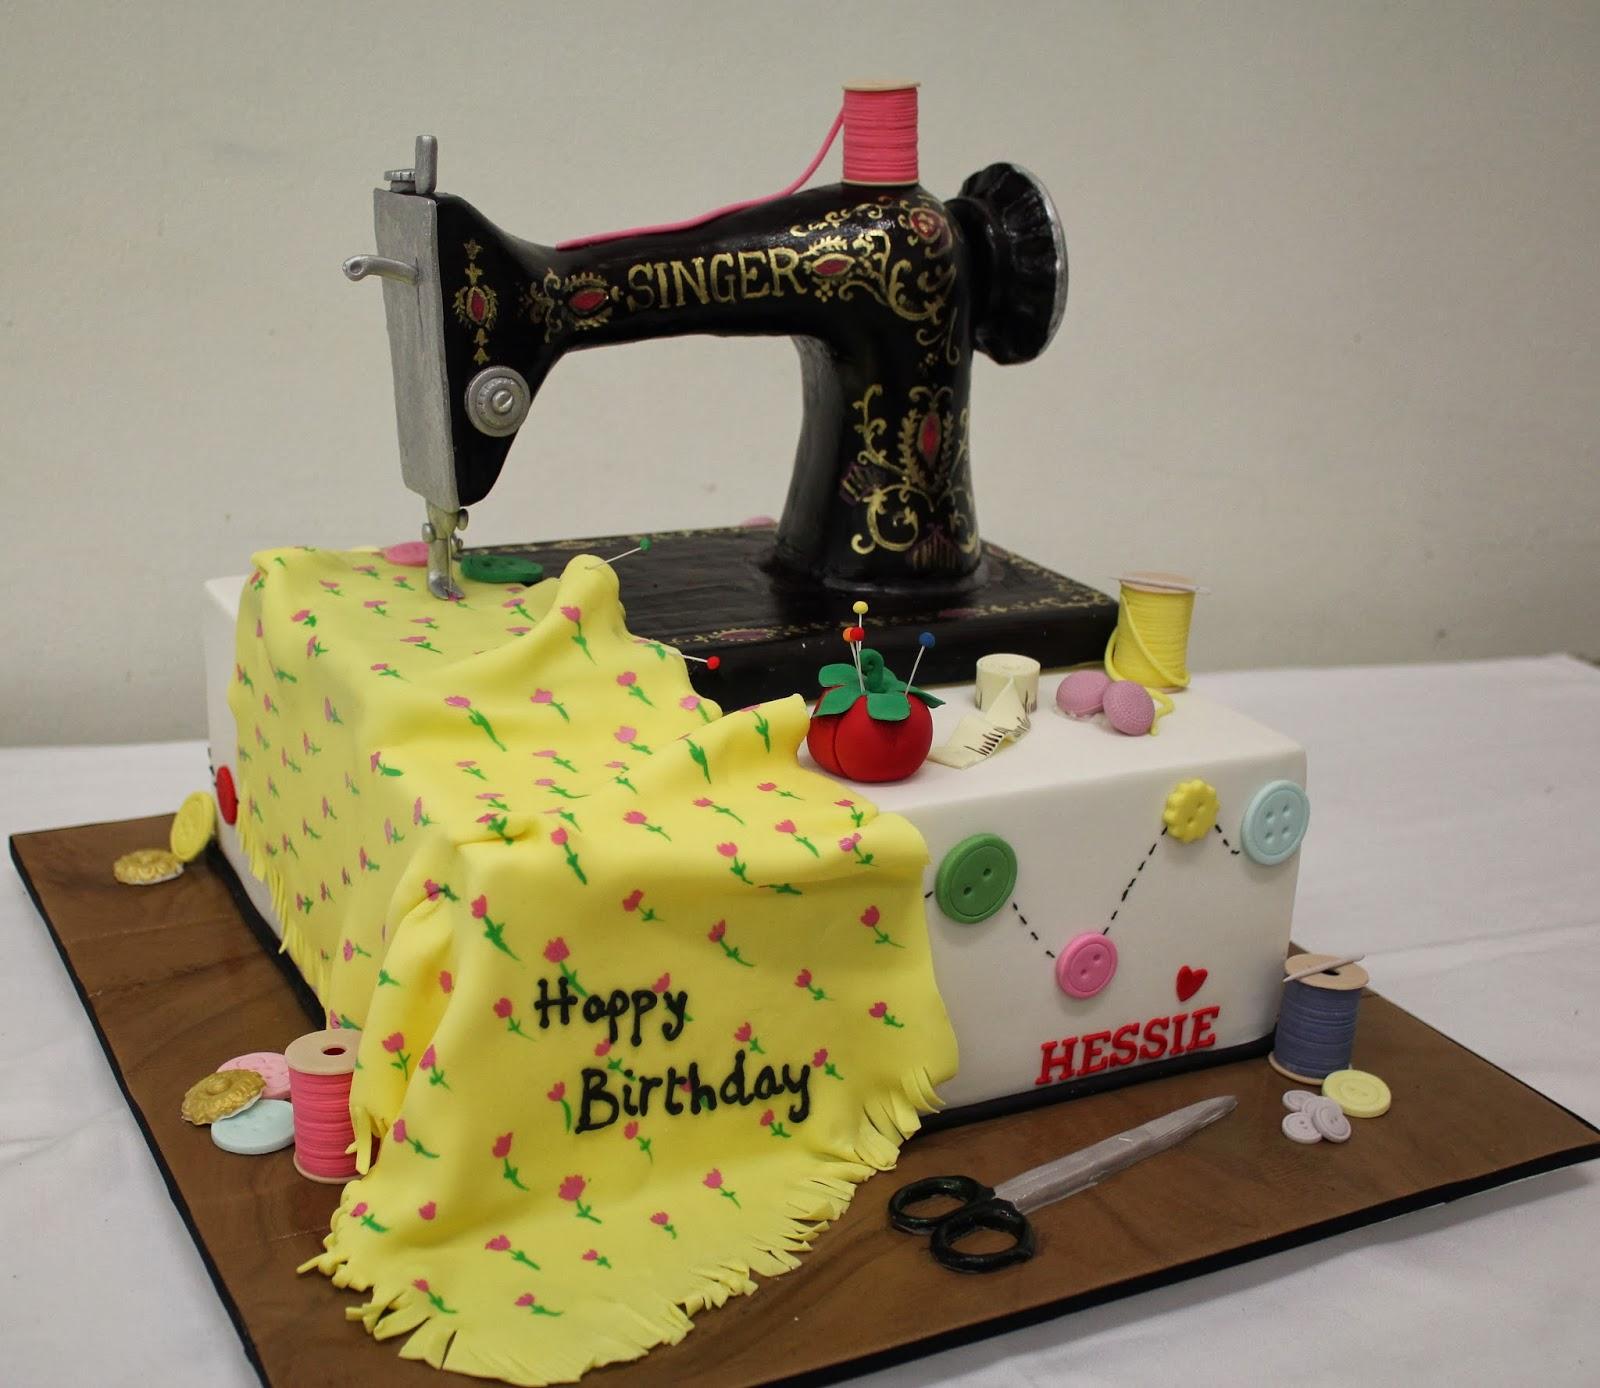 Happy Birthday Sewing Machine Cake